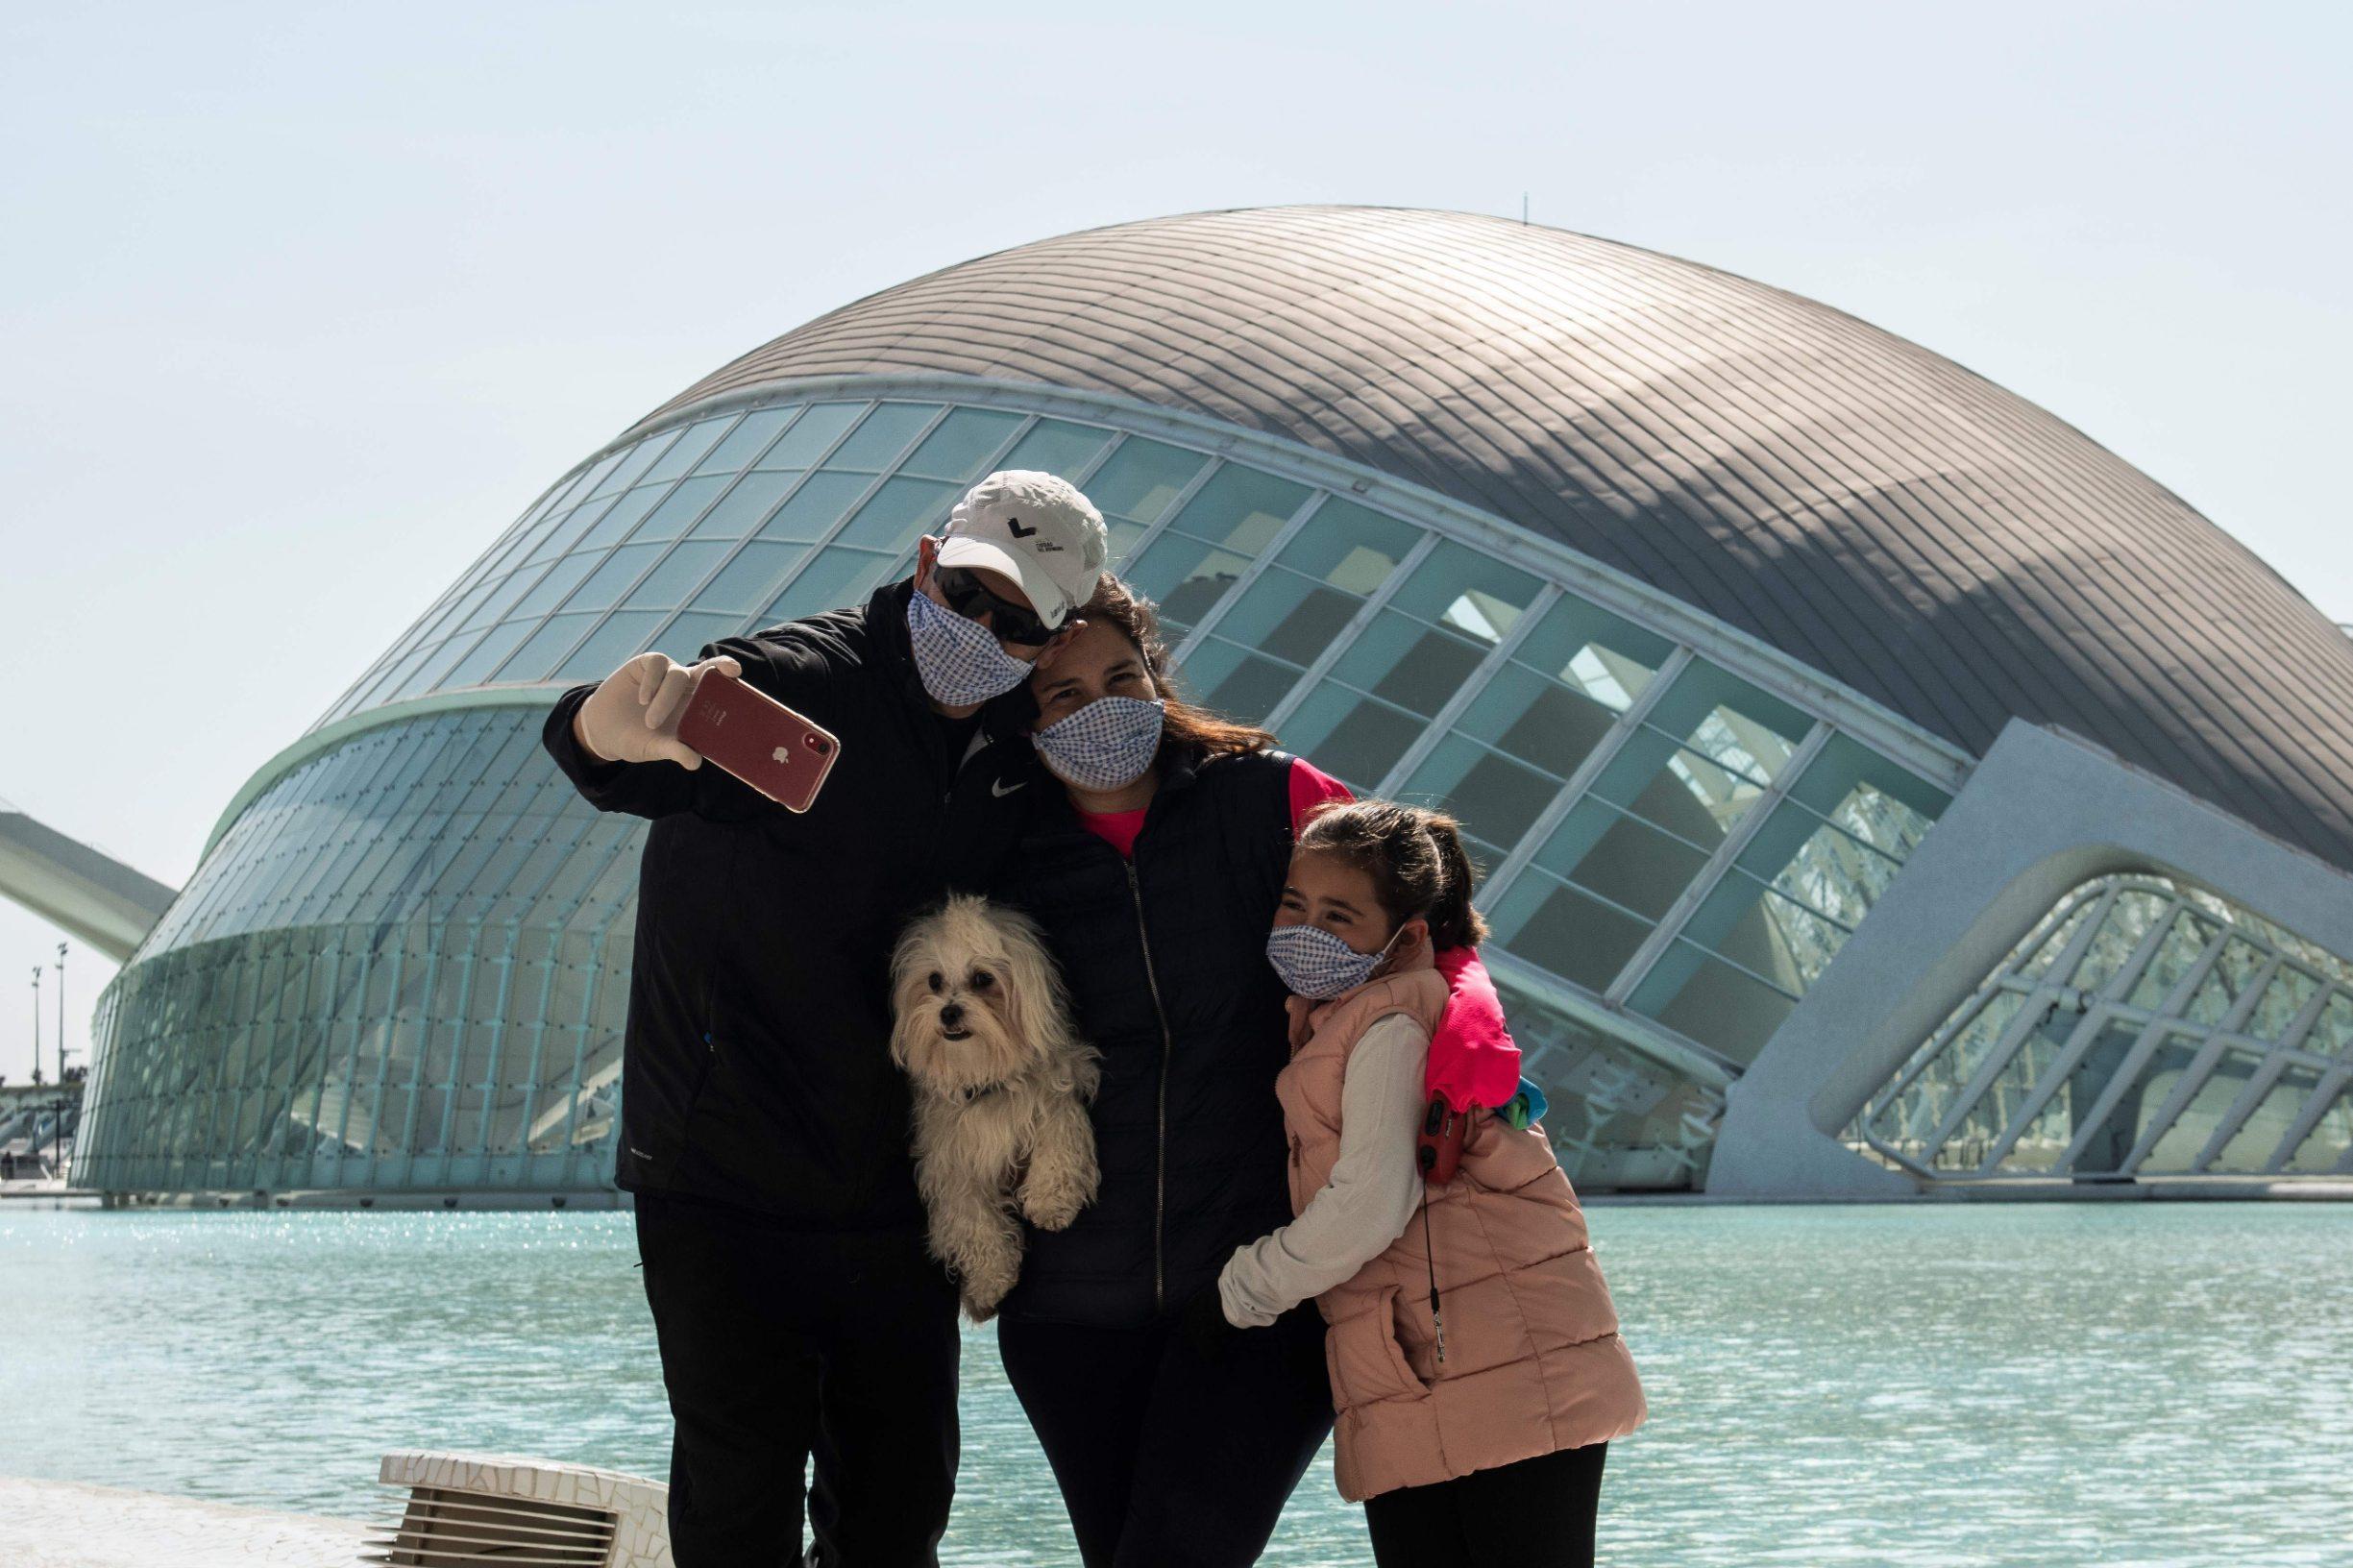 Obitelj koja nosi zaštitnu masku u Valenciji, nakon što je Španjolska postala druga najzaraženija država u EU nakon Italije